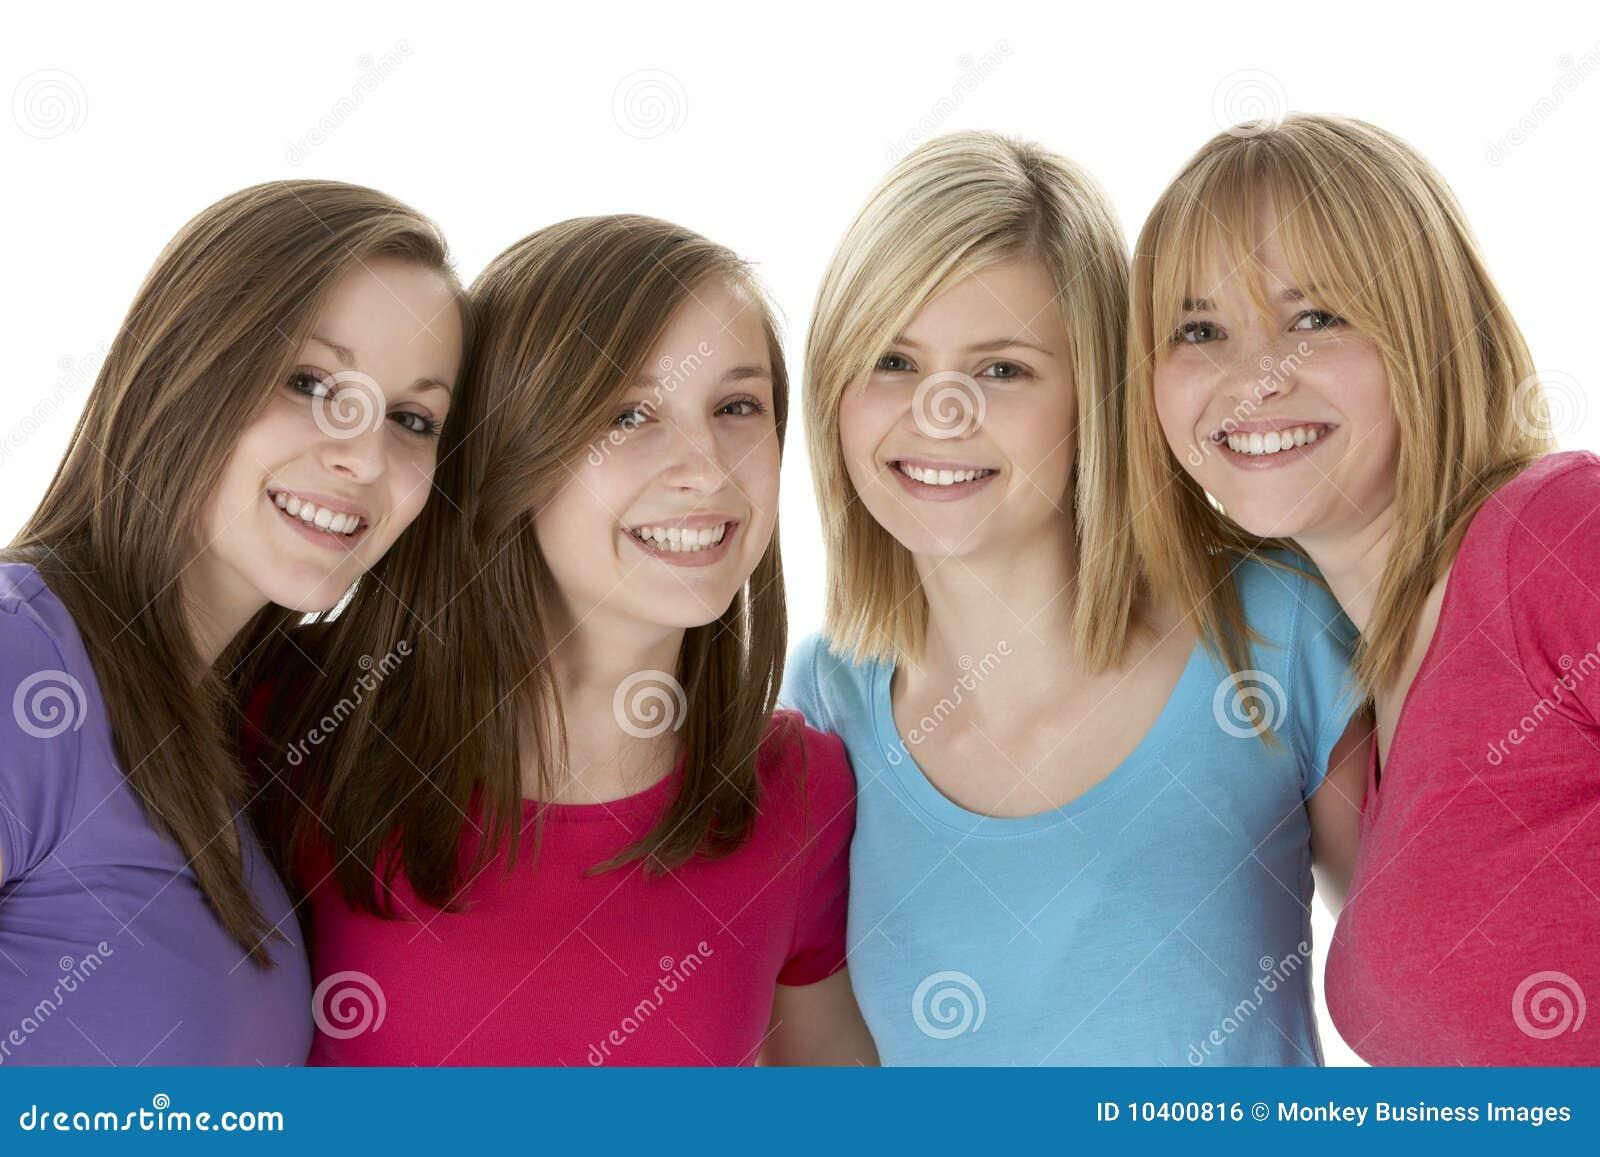 Студийные фото девочек подростков 9 фотография